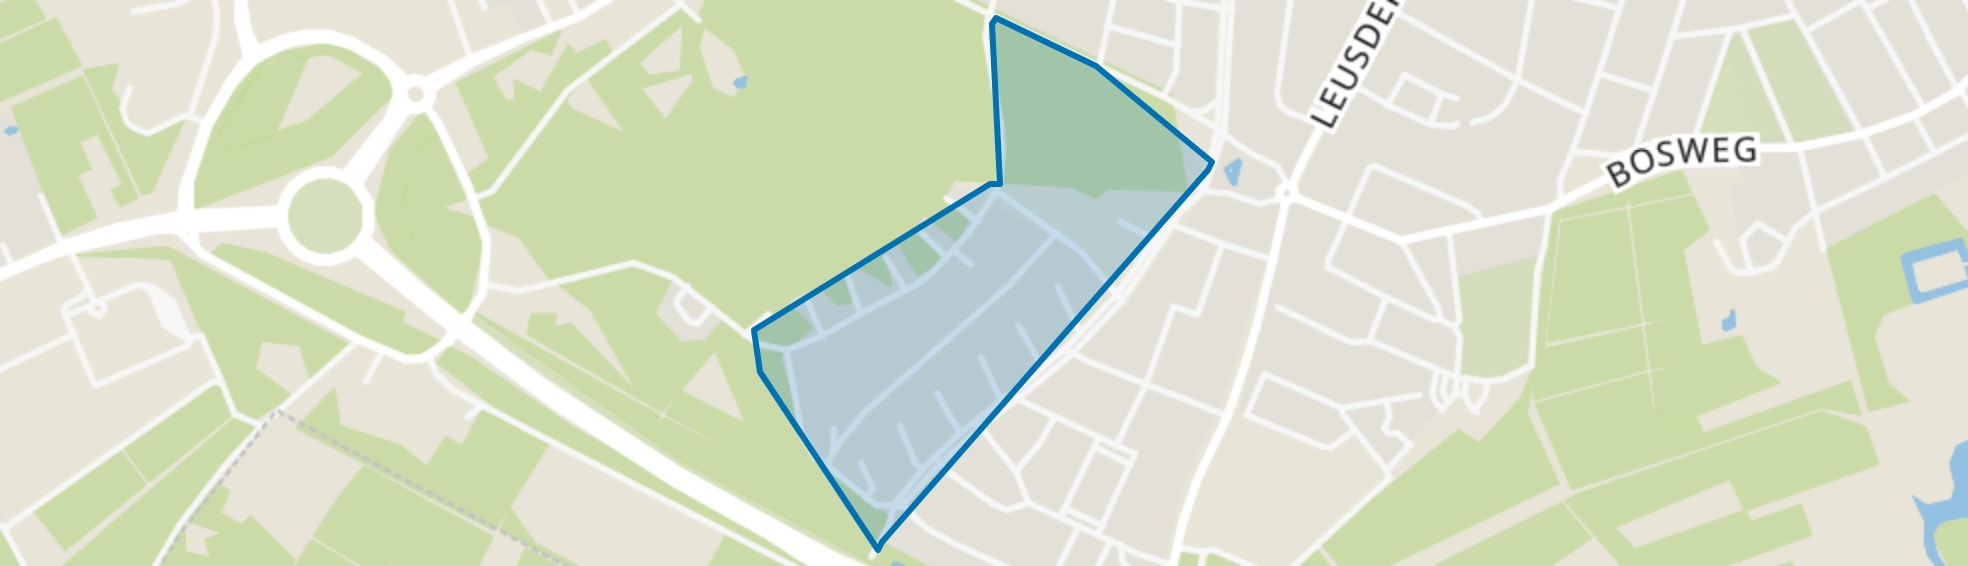 Curacaolaan, Amersfoort map